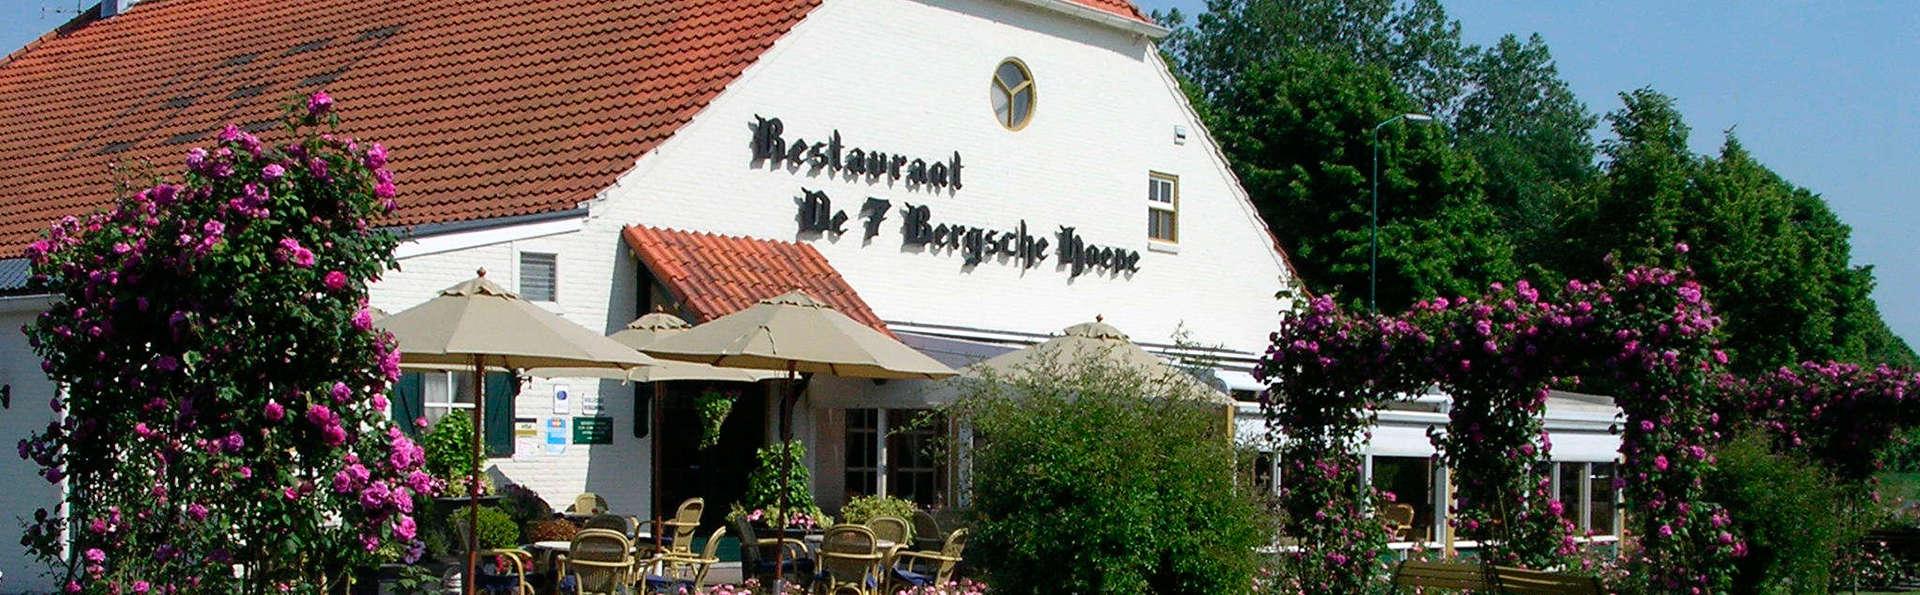 Verras je smaakpapillen in het Brabantse Zevenbergen  (vanaf 2 nachten)